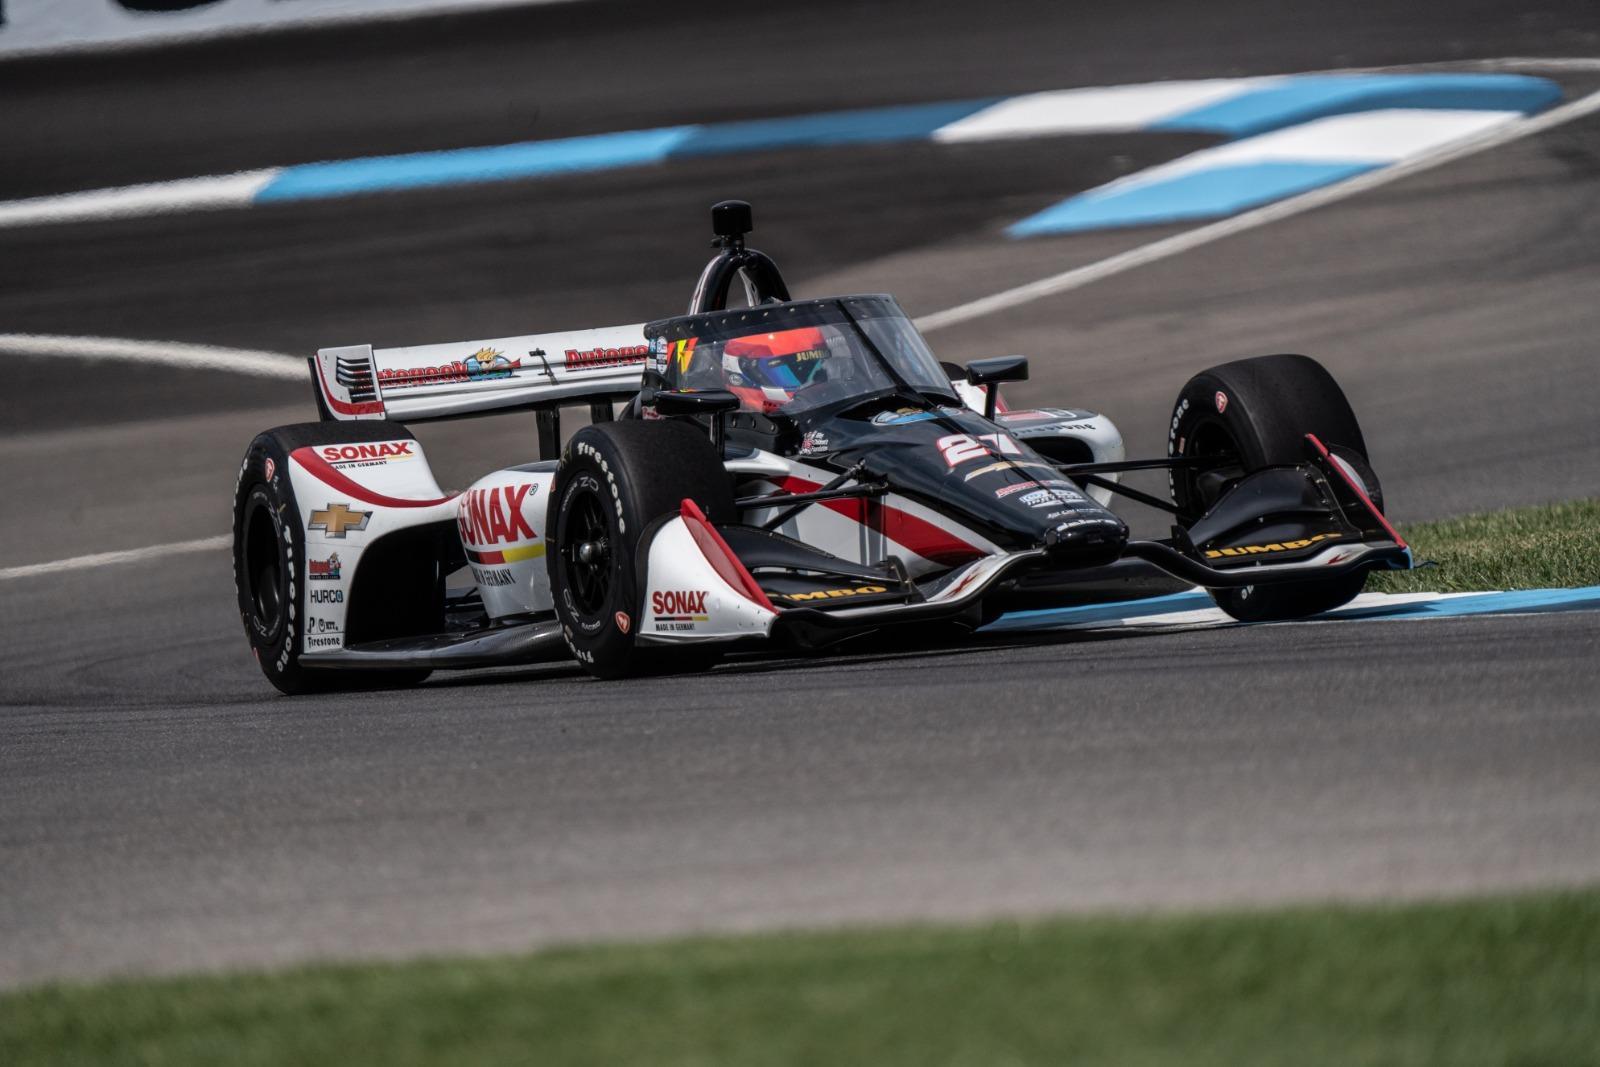 Rinus van Kalmthout spoelt zure nasmaak van Indy 500 weg met goede race: 6e plaats bij Bommarito 500